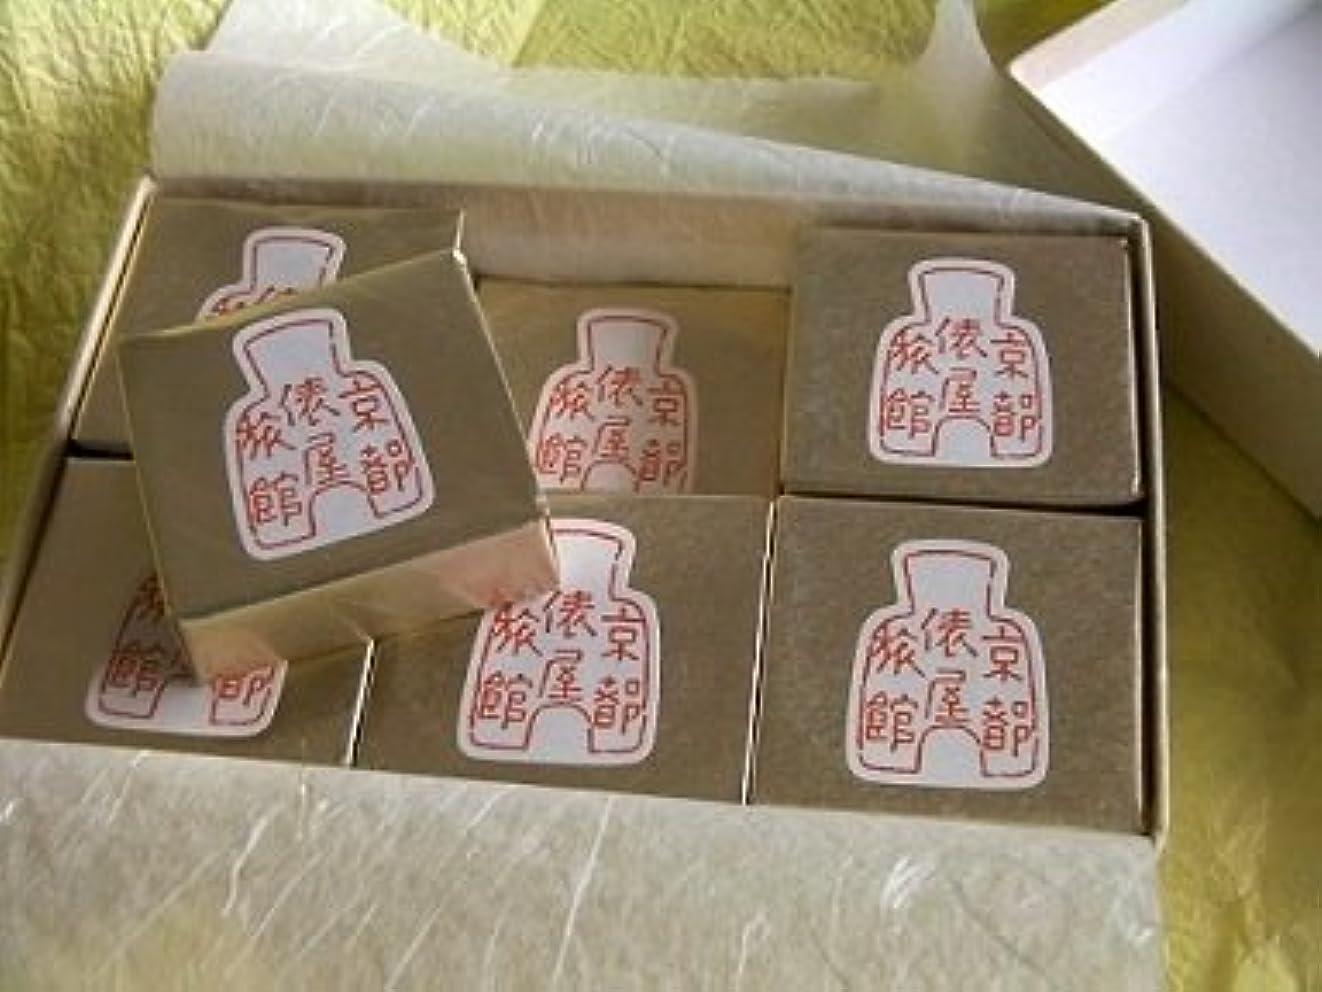 寝具避ける叫ぶ俵屋旅館 俵屋の石鹸 12個入り 【ギフト包装&紙袋付き】 製造元:松山油脂 通販